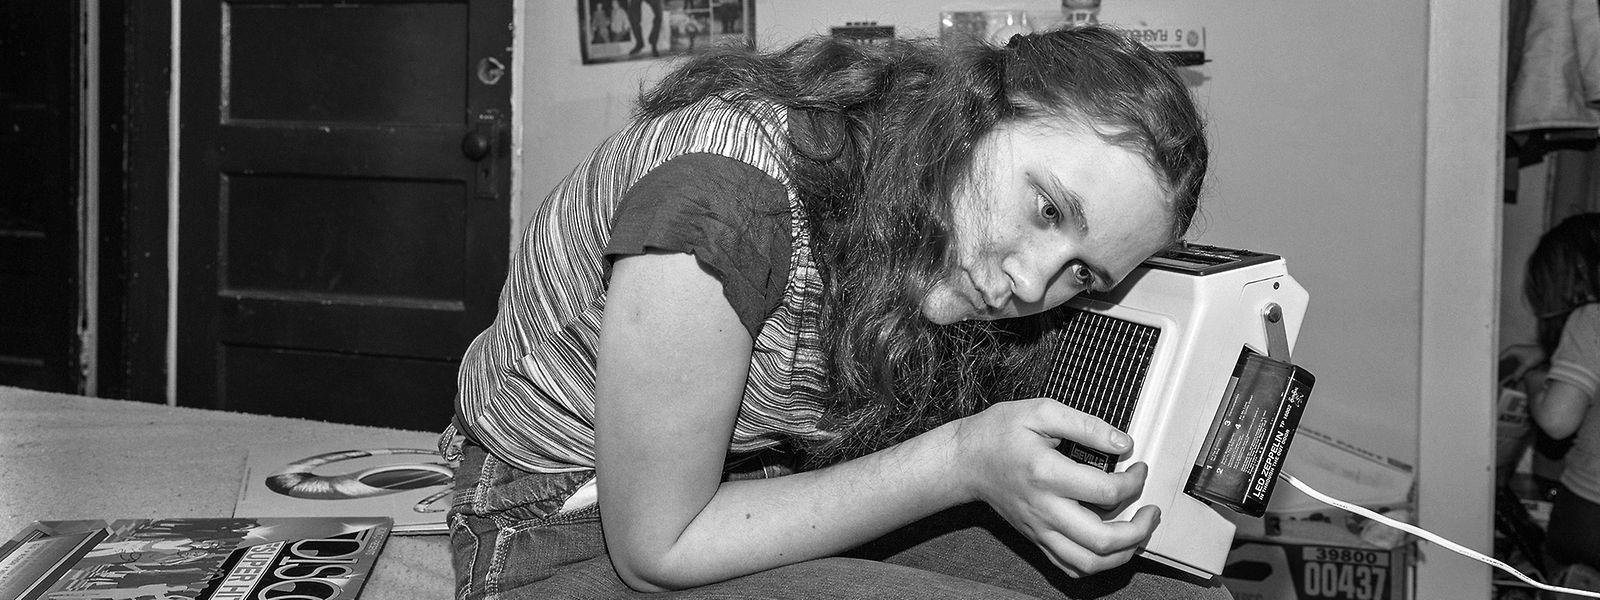 Die Fotoreihen von Mary Frey geben einen ungewöhnlichen Einblick in den Alltag der US-amerikanischen Middle-Class in Massachusetts.